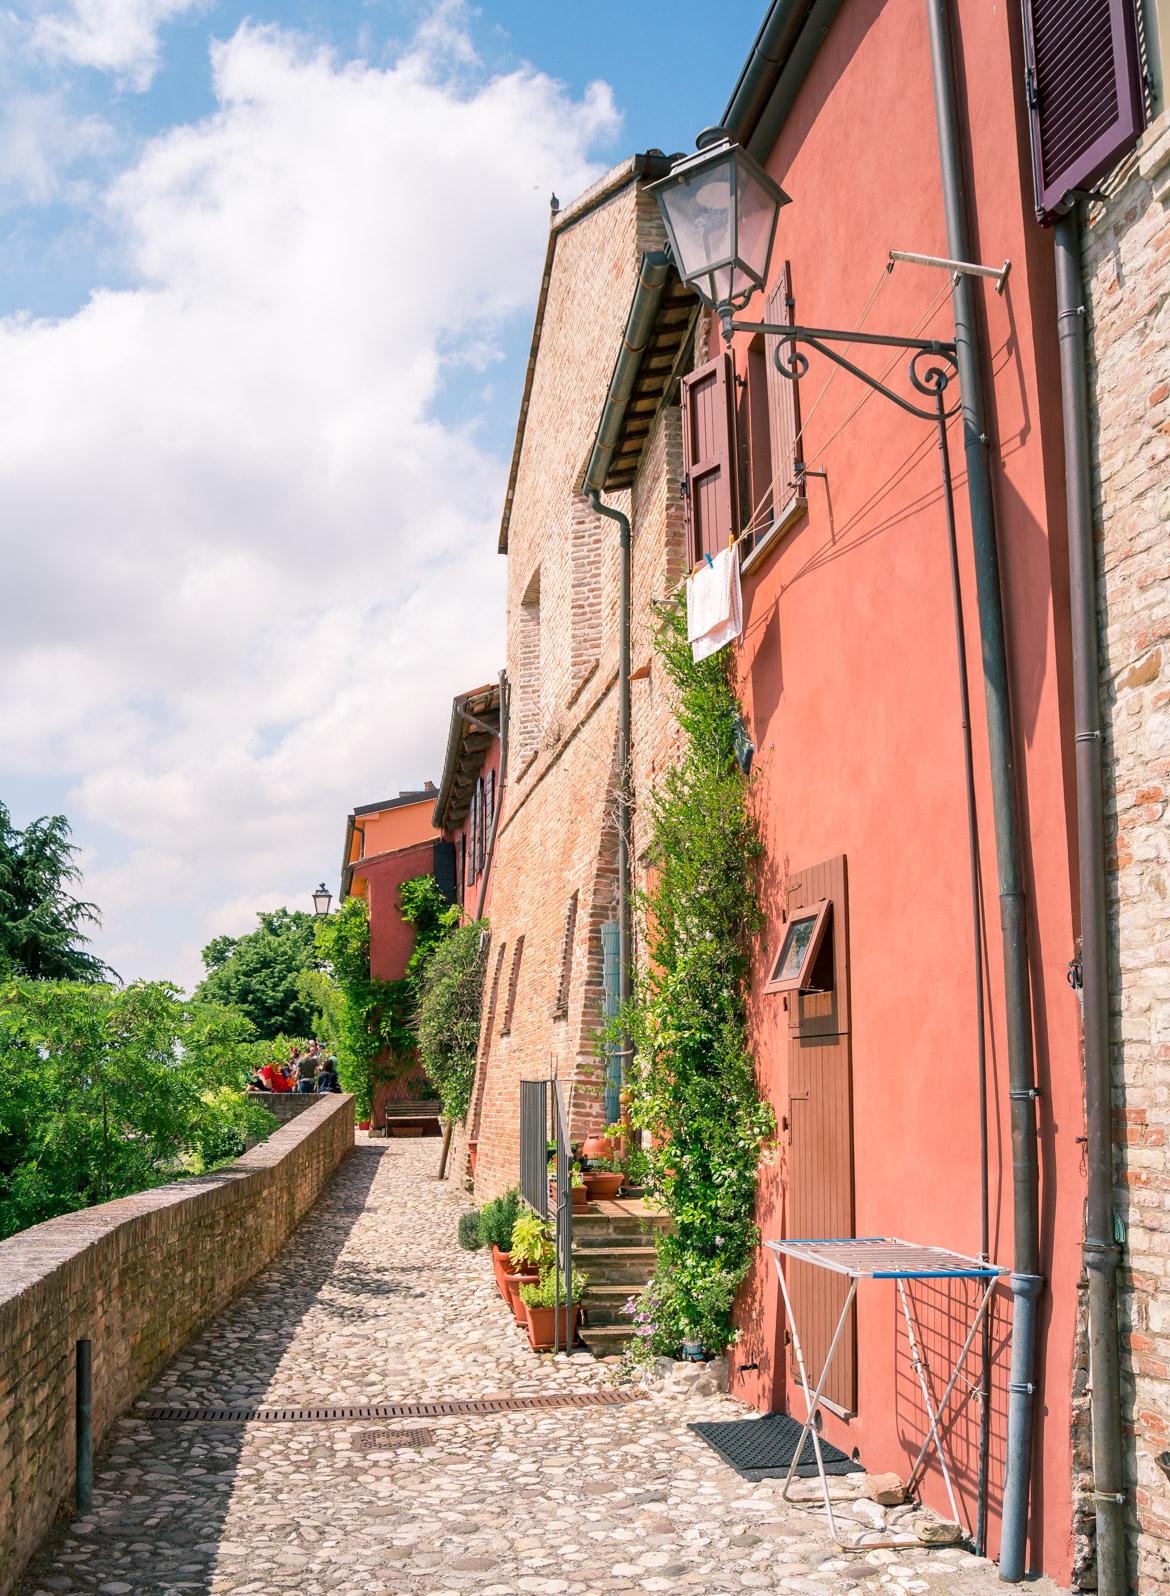 Via Amore Santarcangelo di Romagna - In Viaggio Con Monica